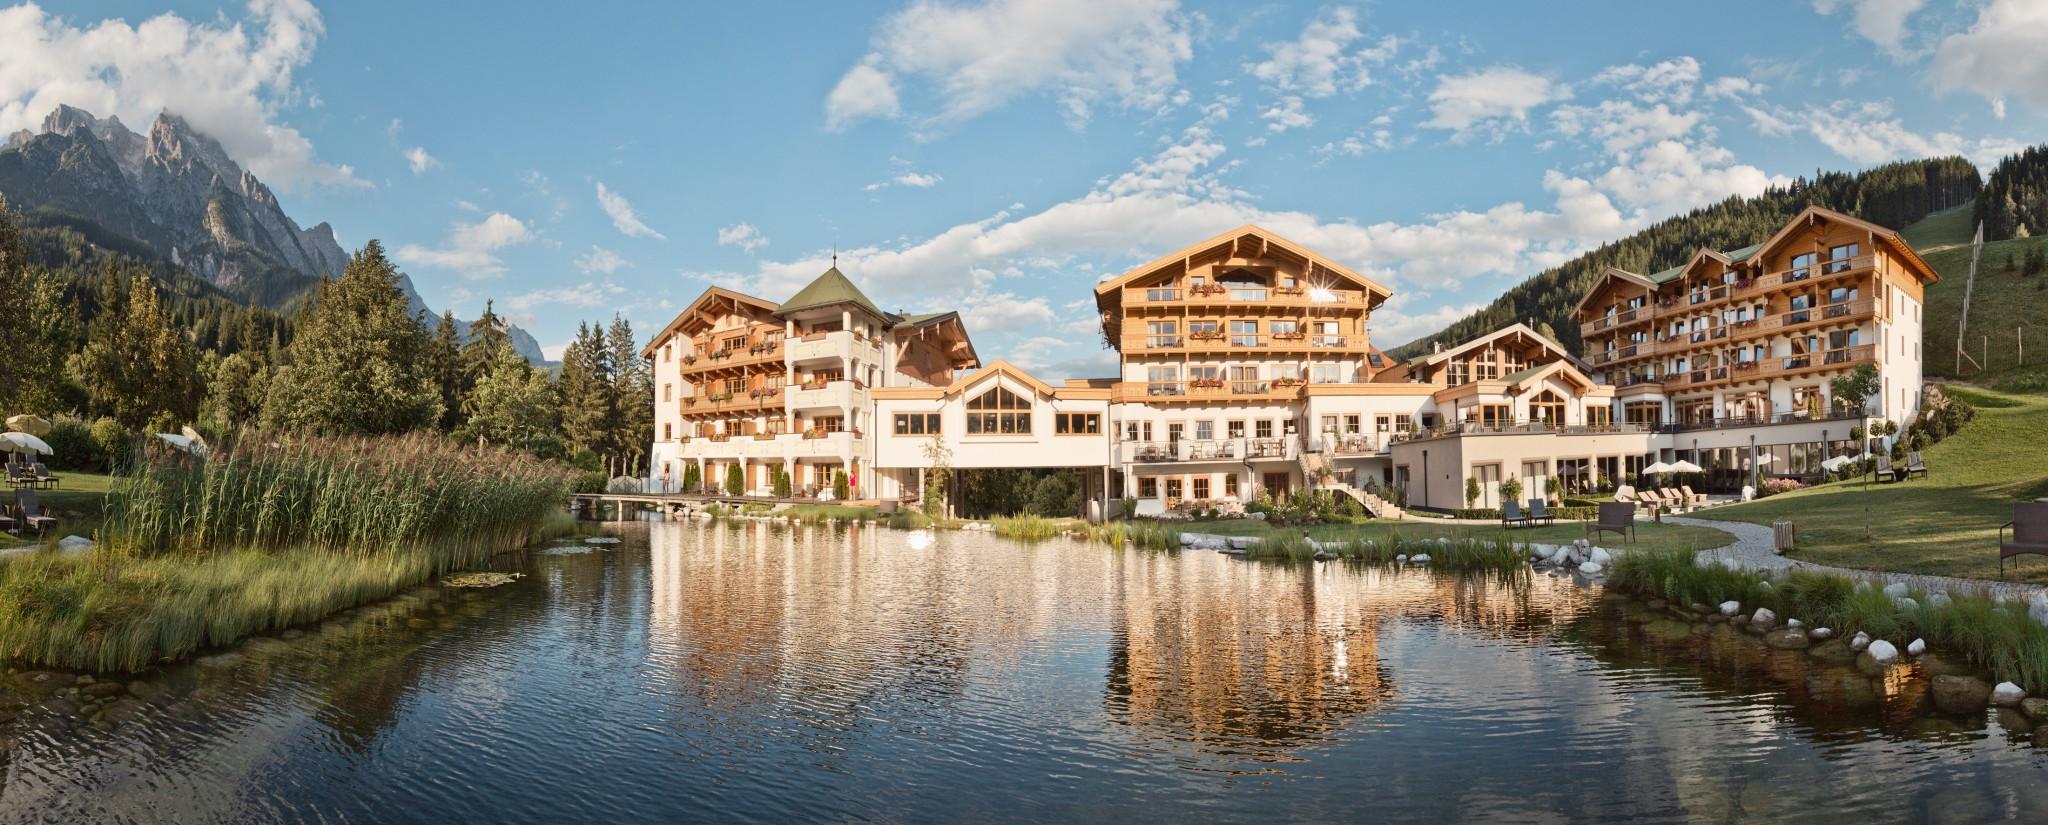 Naturhotel forsthofgut in leogang im salzburger land for Design hotel salzburger land